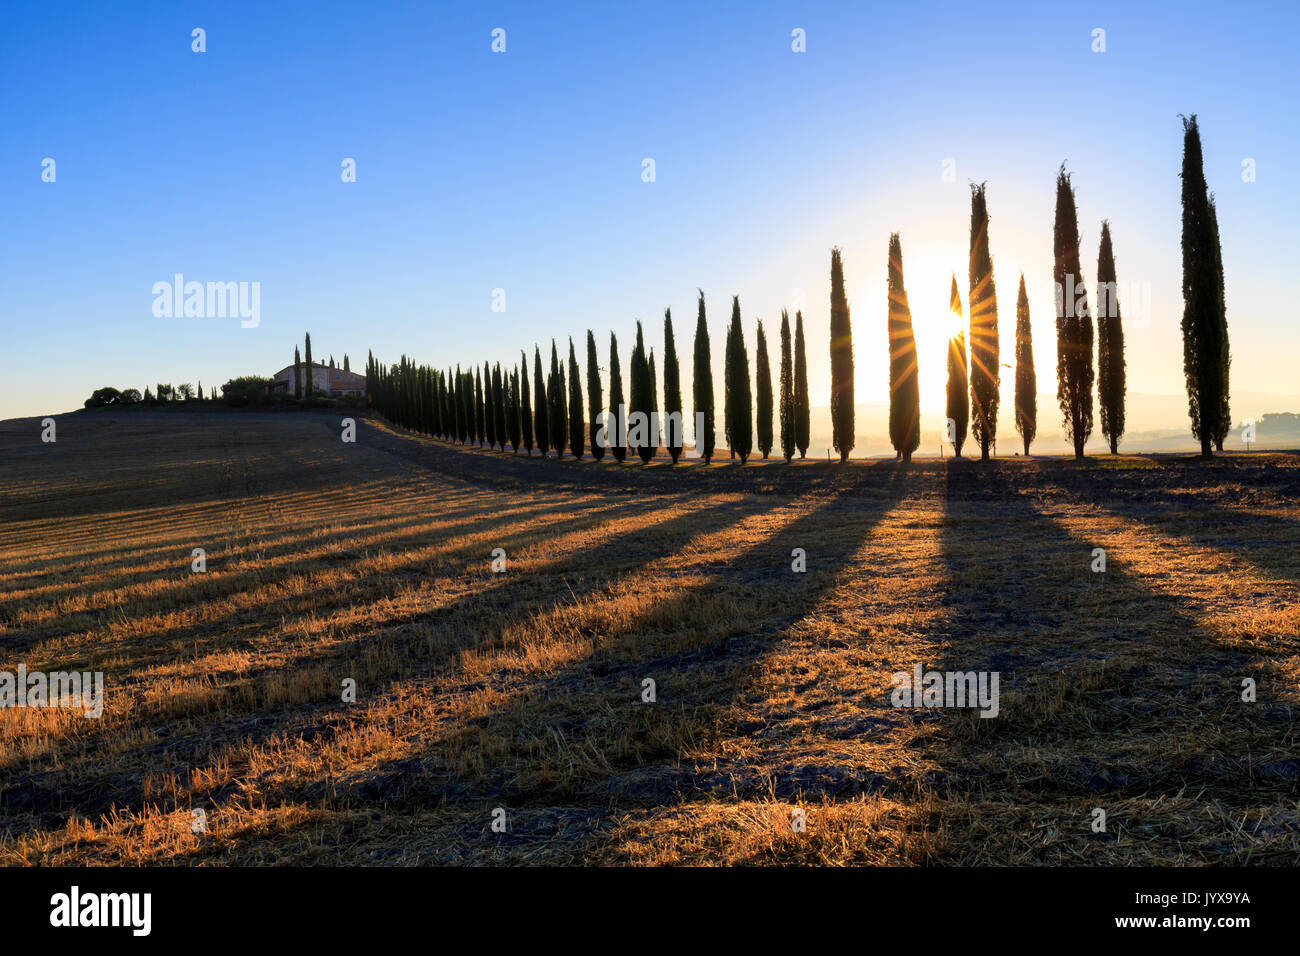 Toskanische Landschaft mit Zypressen und Farmstead bei Sonnenaufgang, Dämmerung, San Quirico d'Orcia, Val d'Orcia, Toskana, Italien Stockbild